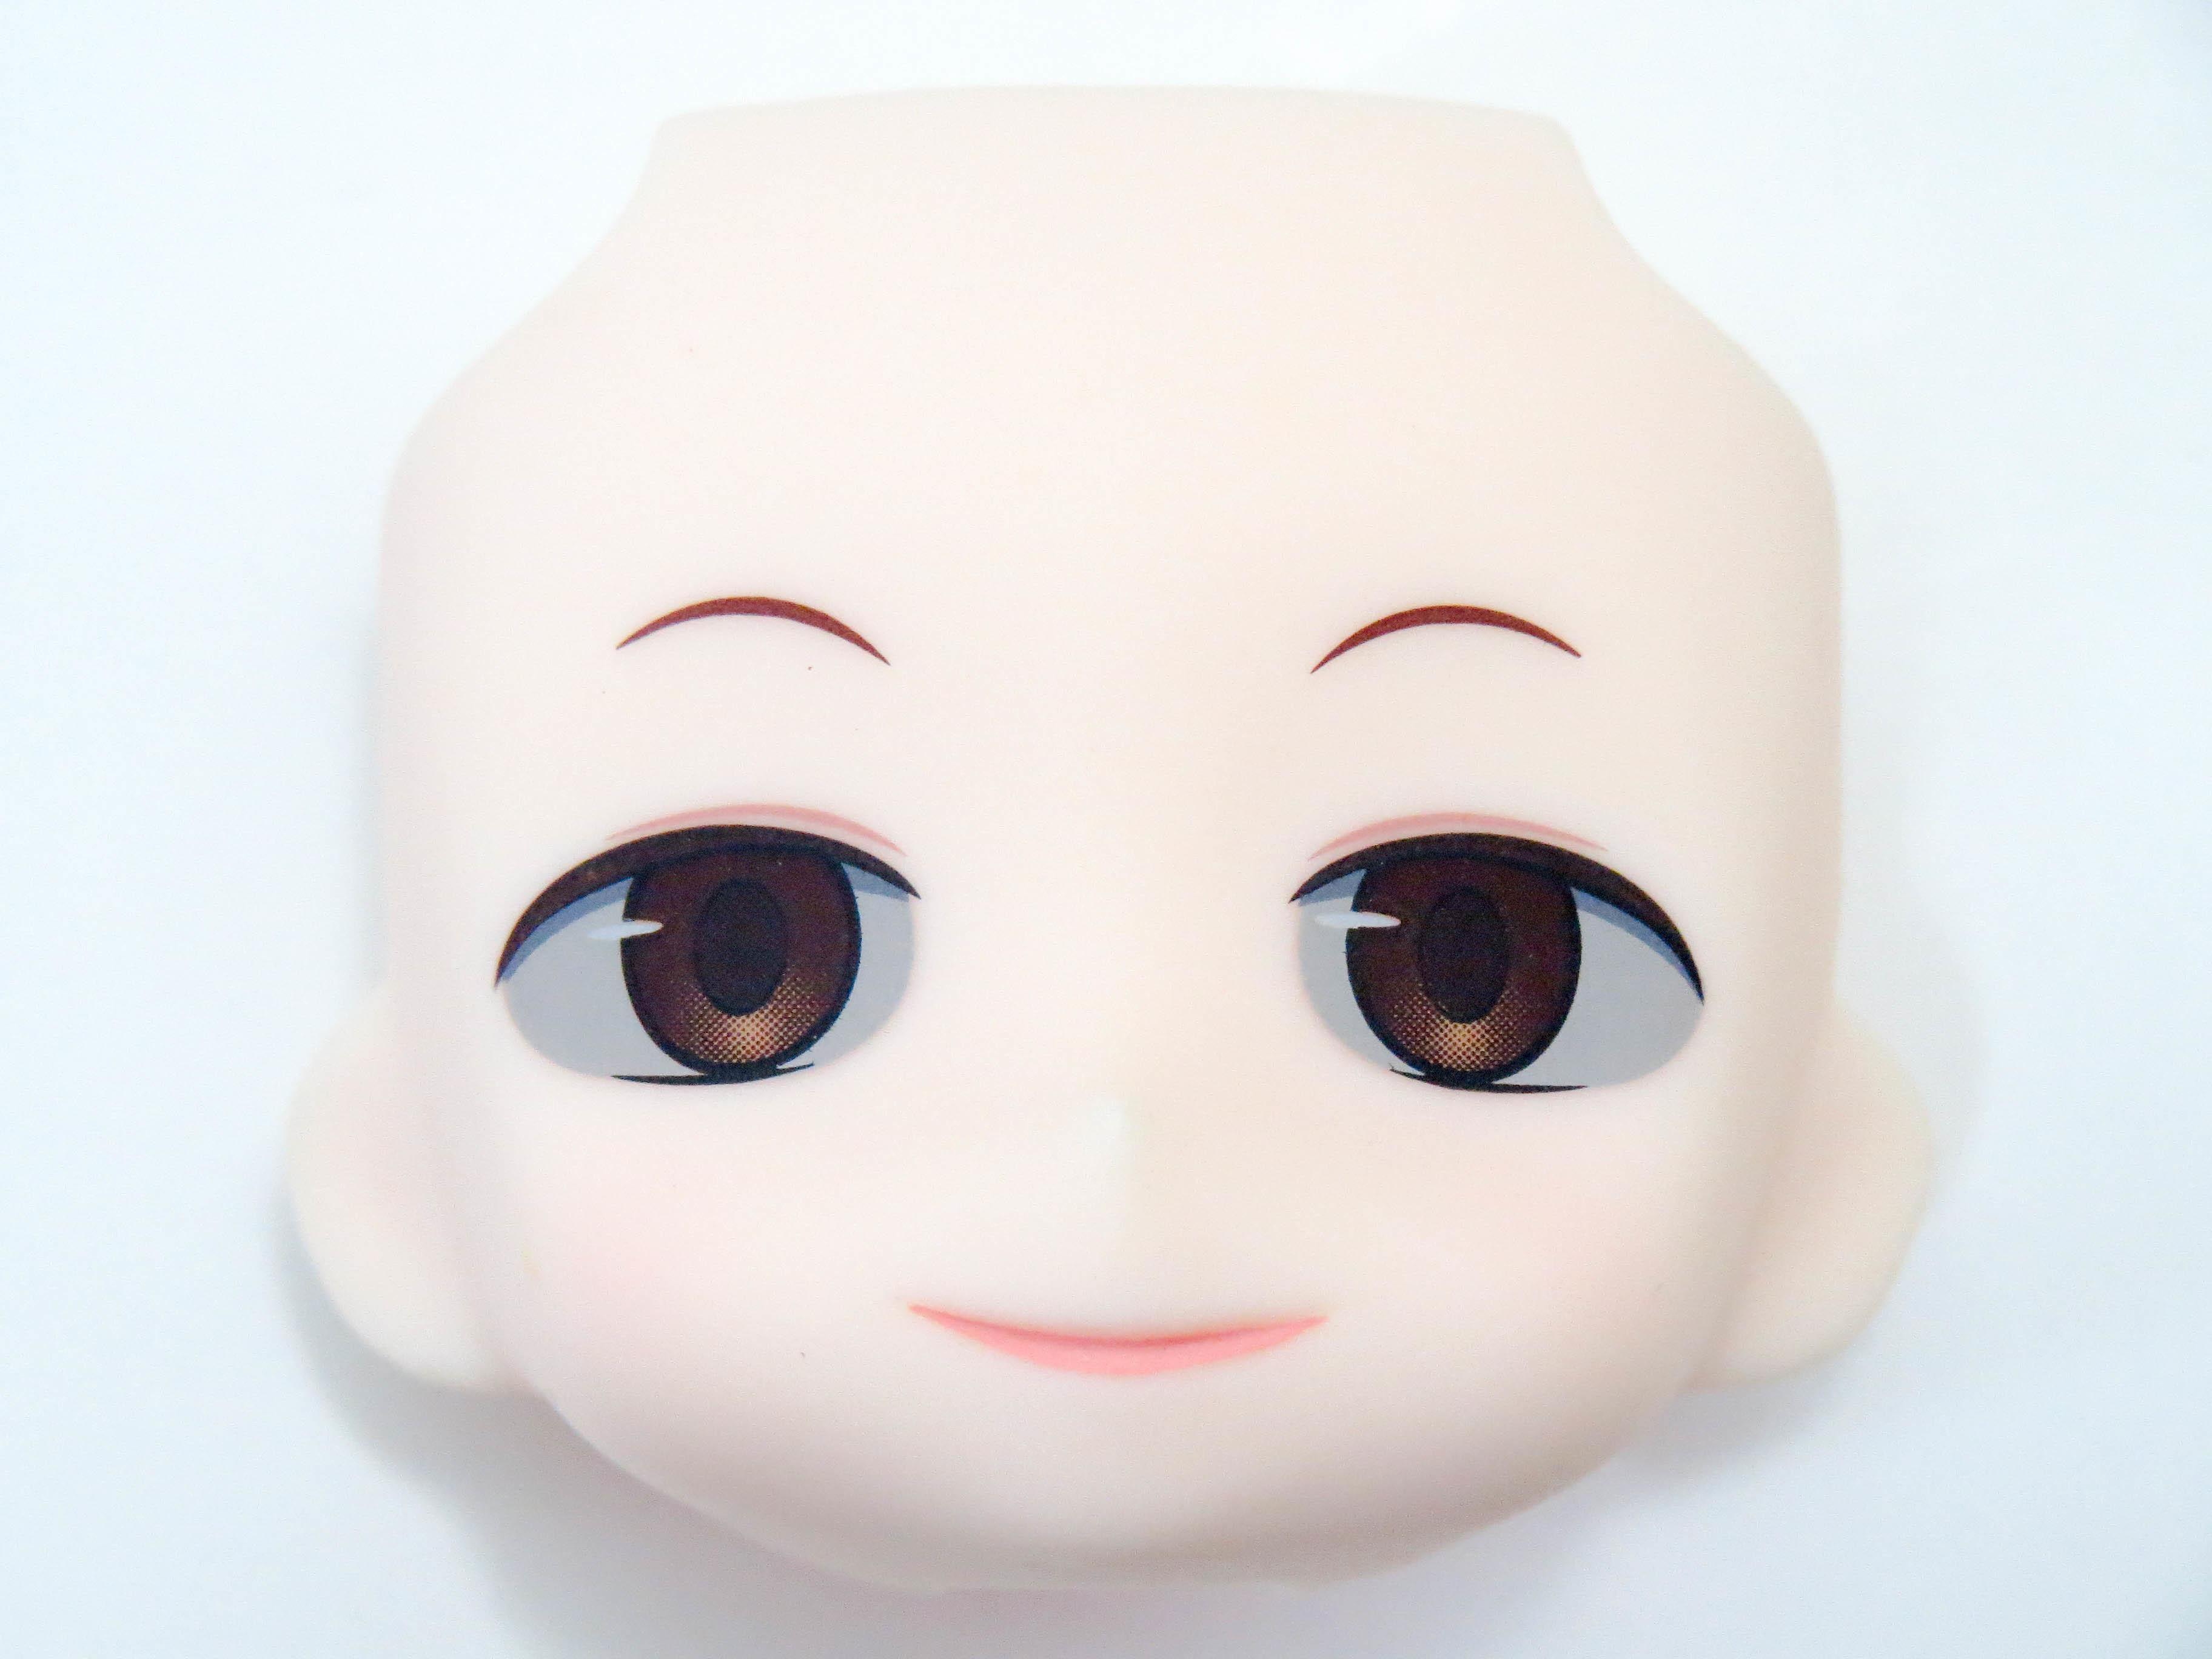 【SALE】【969】 三谷裳ちお 顔パーツ ブラッディバタフライ顔 ねんどろいど